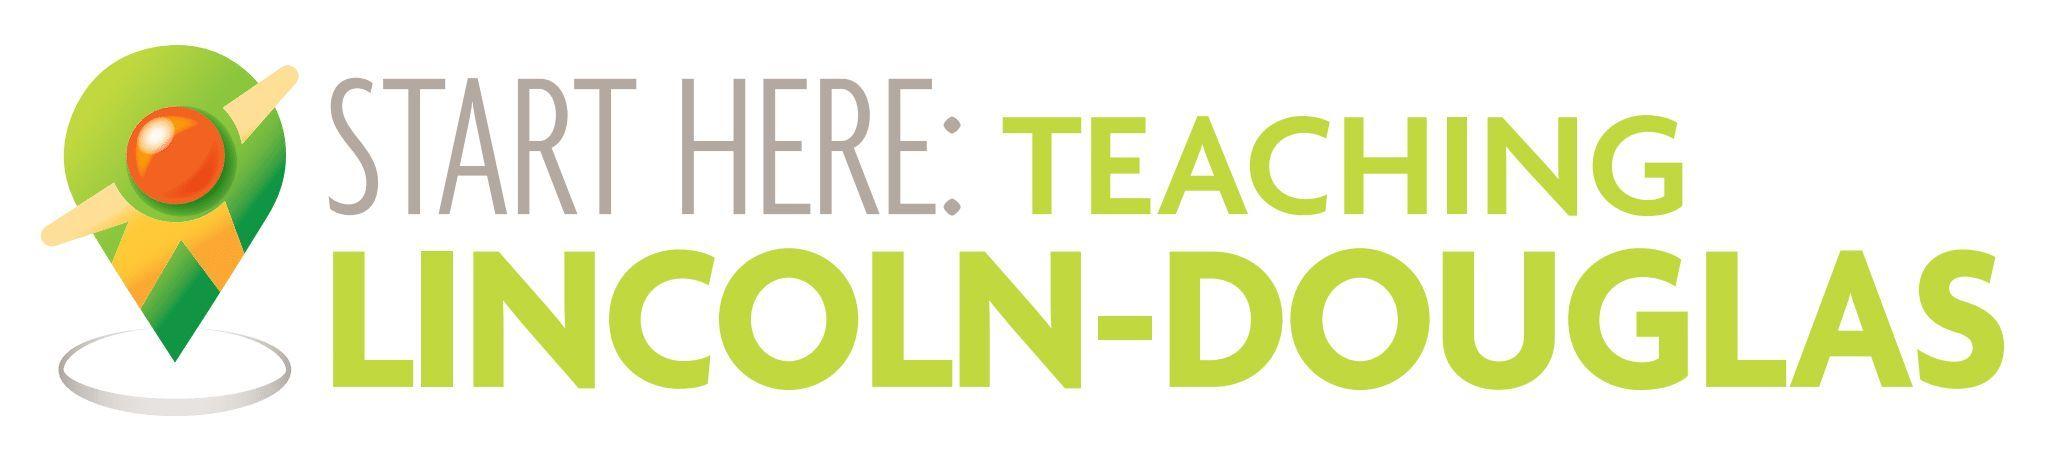 Start Here: Teaching Lincoln-Douglas